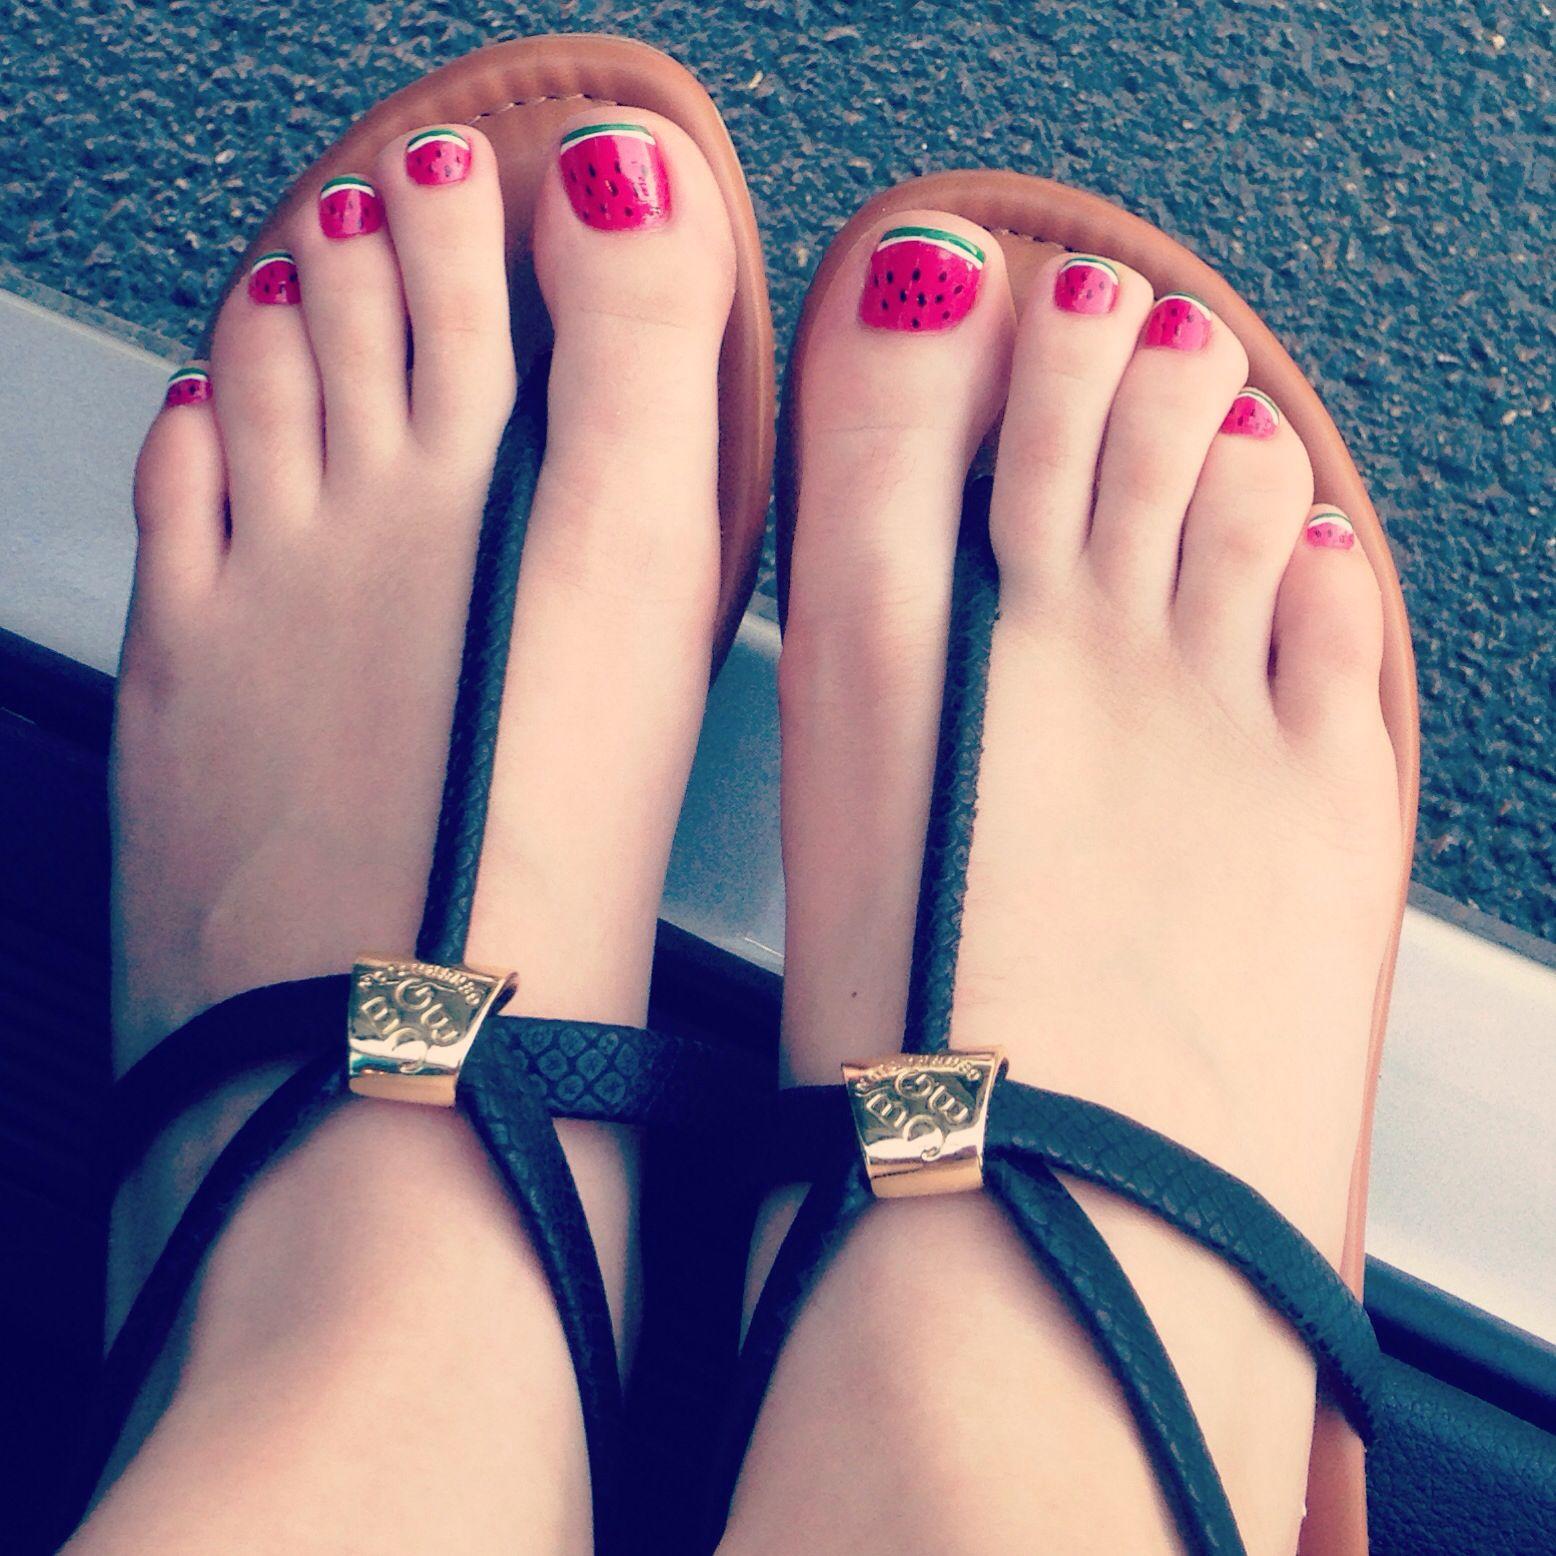 Pedicure at the nail salon, super easy! 1) polish toes pink polish 2 ...